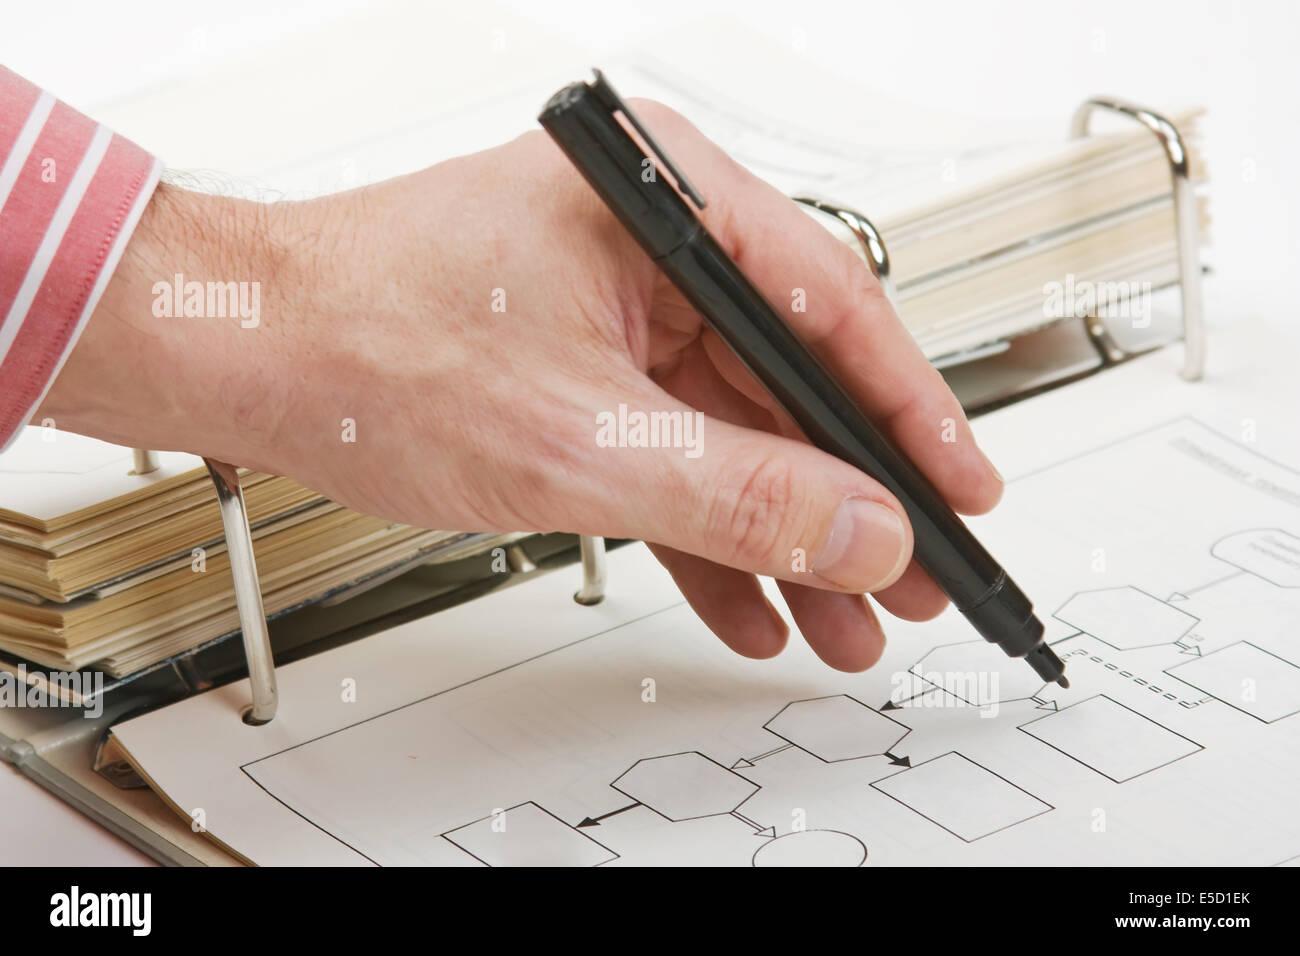 Ausgezeichnet Online Blockdiagramm Zeichenwerkzeug Bilder ...